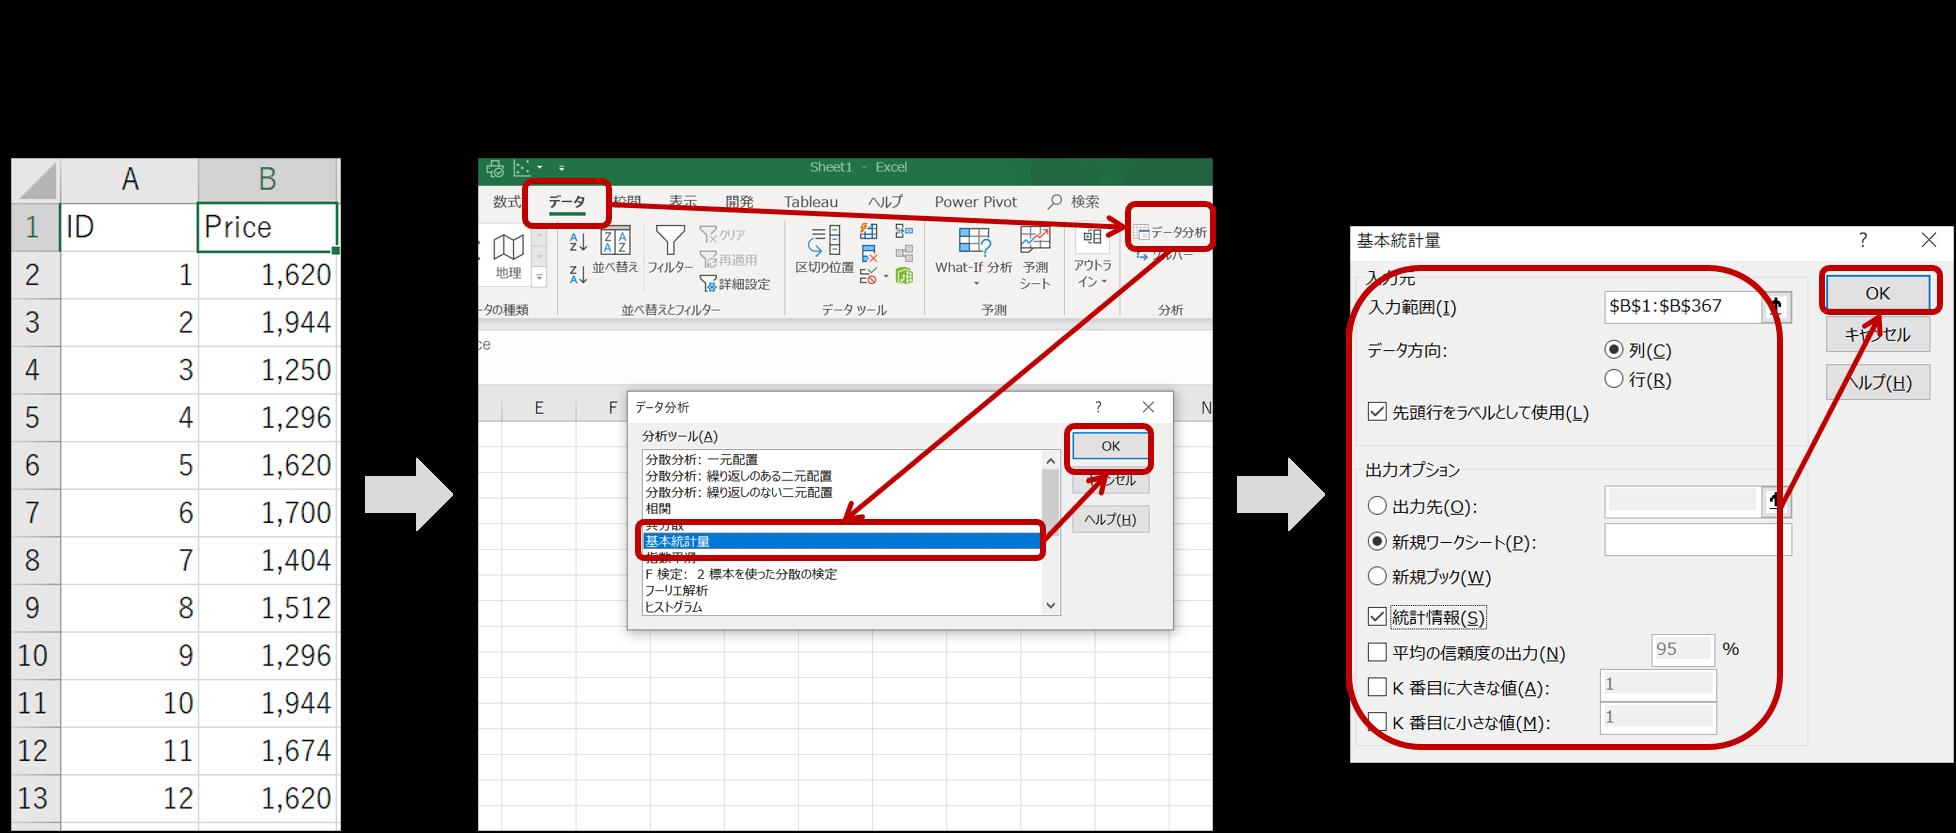 分析ツールの基本操作